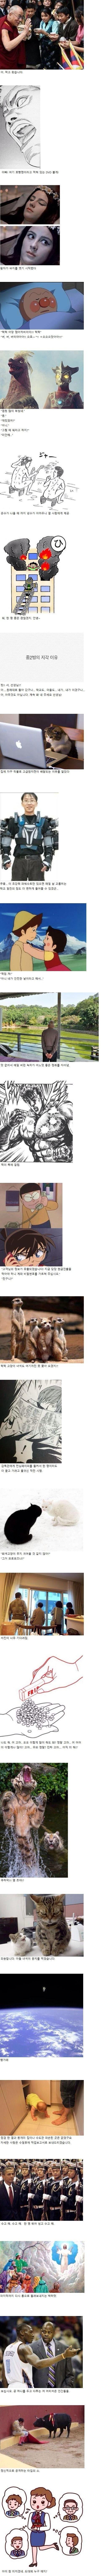 제목 장인들.jpg   Daum 루리웹